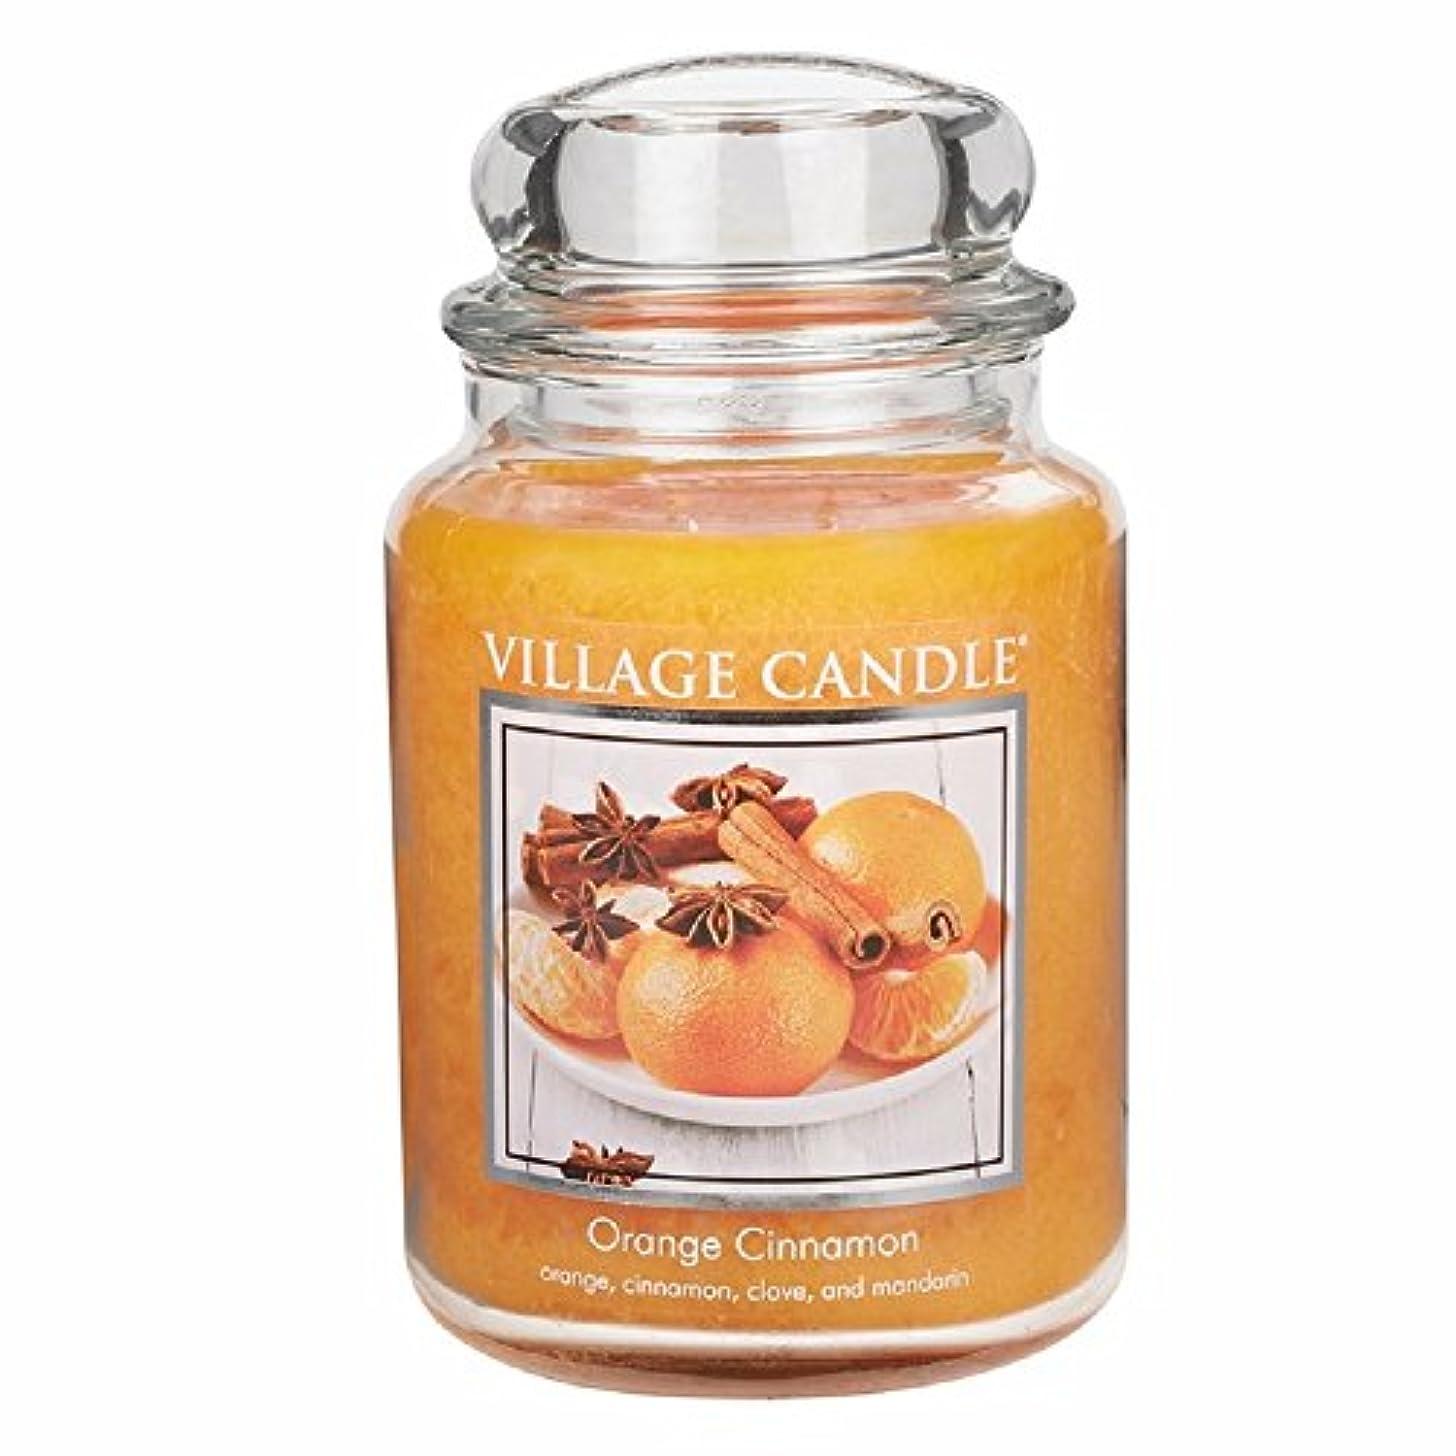 推進、動かすマニフェストよろしくオレンジシナモン26オンスプレミアムラウンドJar Candle by村キャンドル